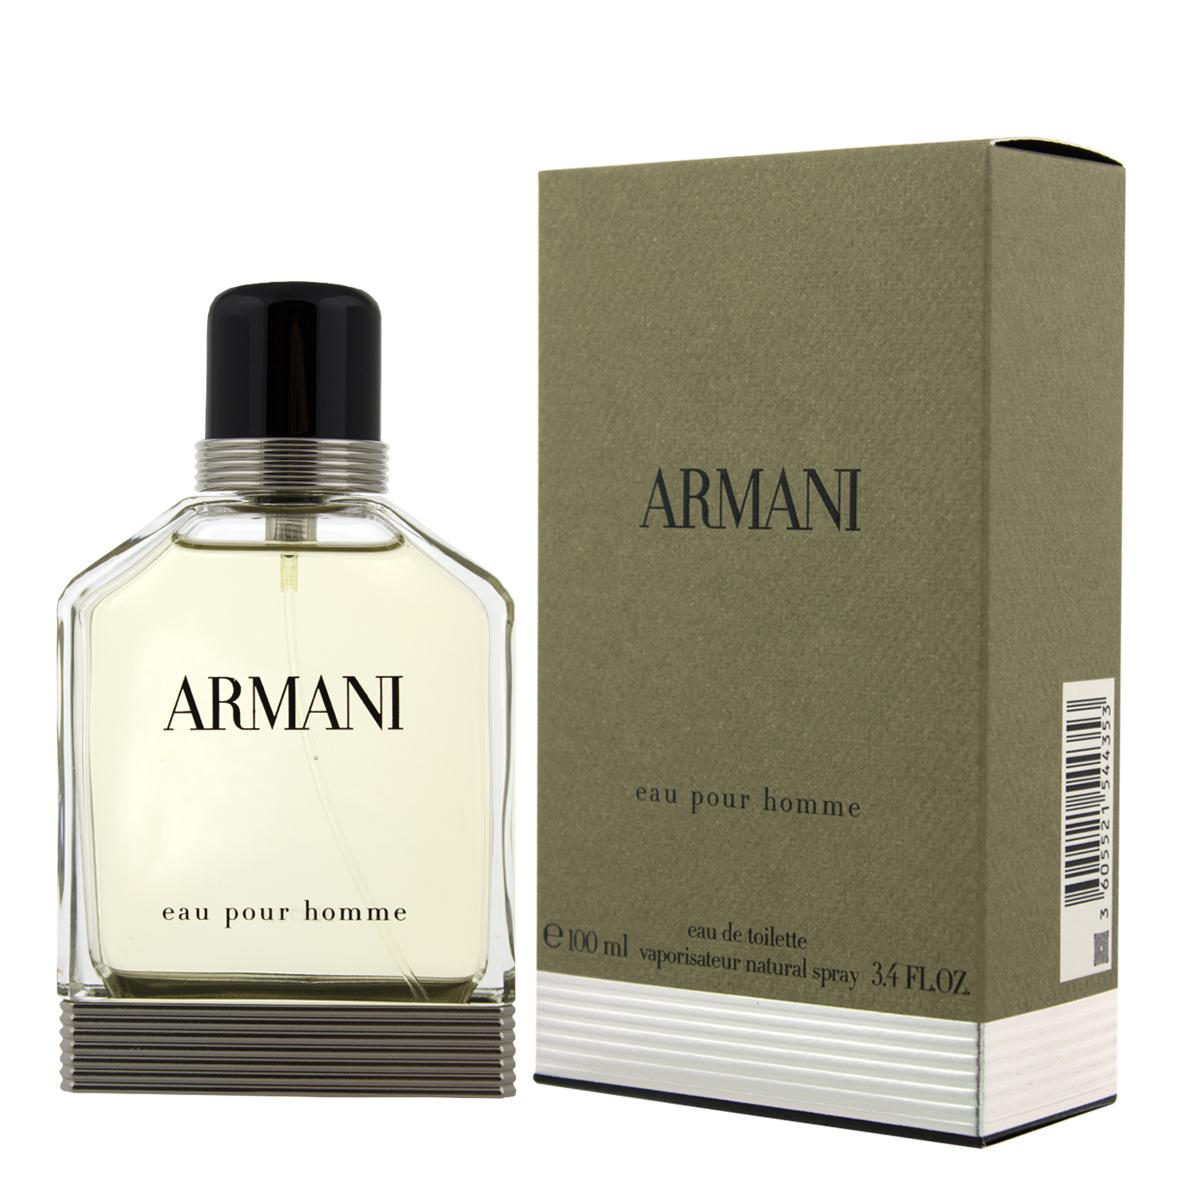 Armani Giorgio Eau Pour Homme 2013 EDT 100 ml M